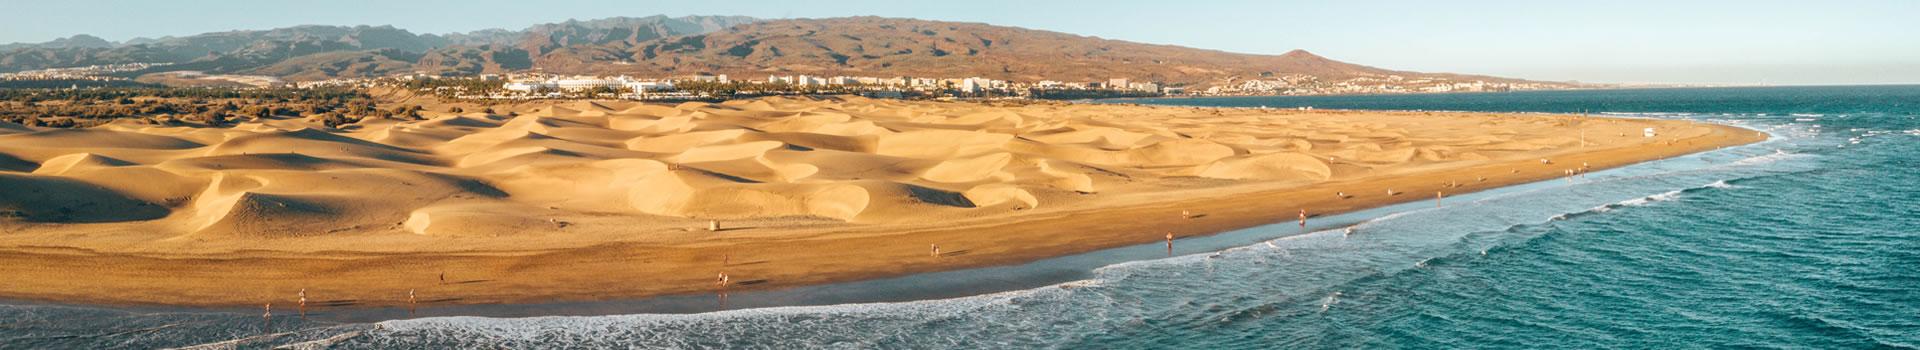 Hotels In Las Palmas De Gran Canaria Spanien